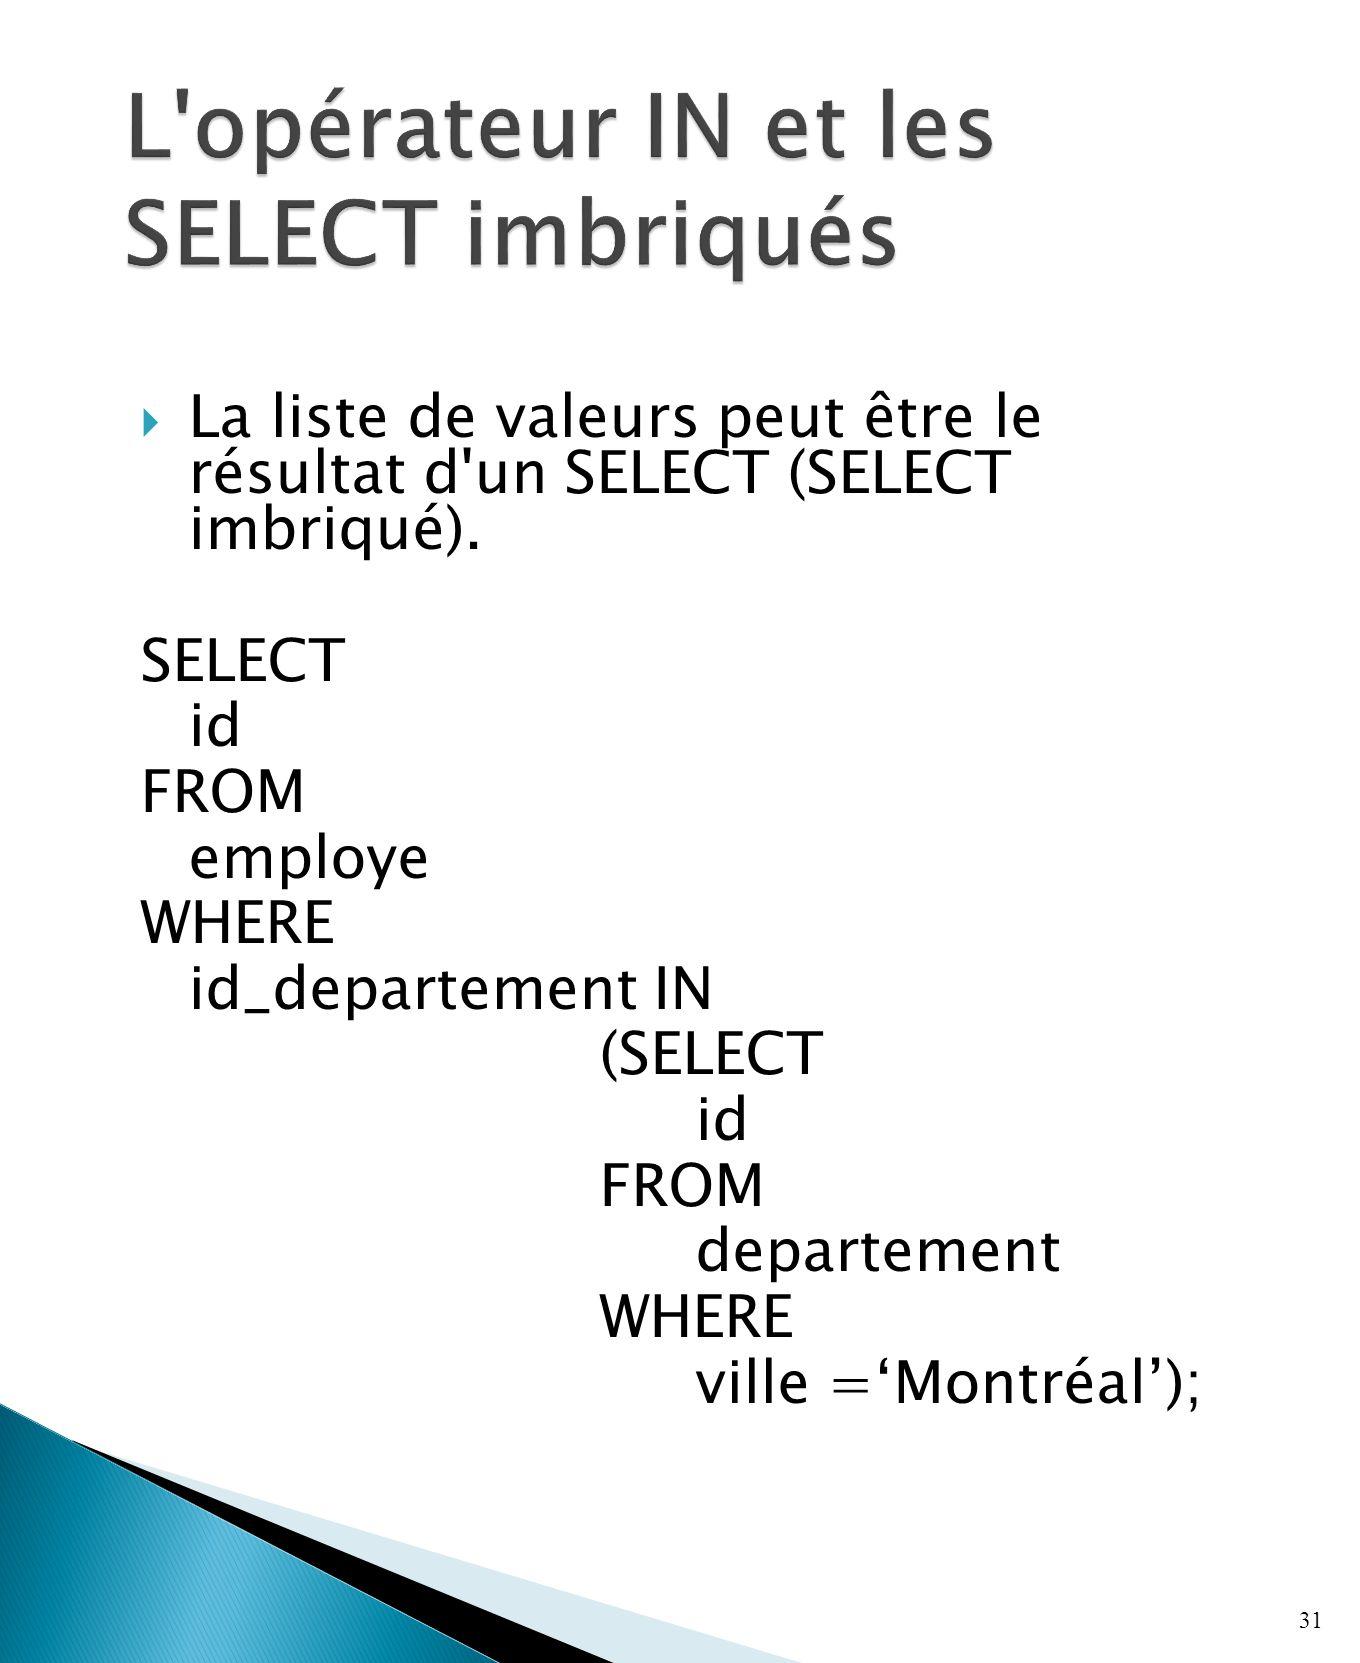 La liste de valeurs peut être le résultat d un SELECT (SELECT imbriqué).